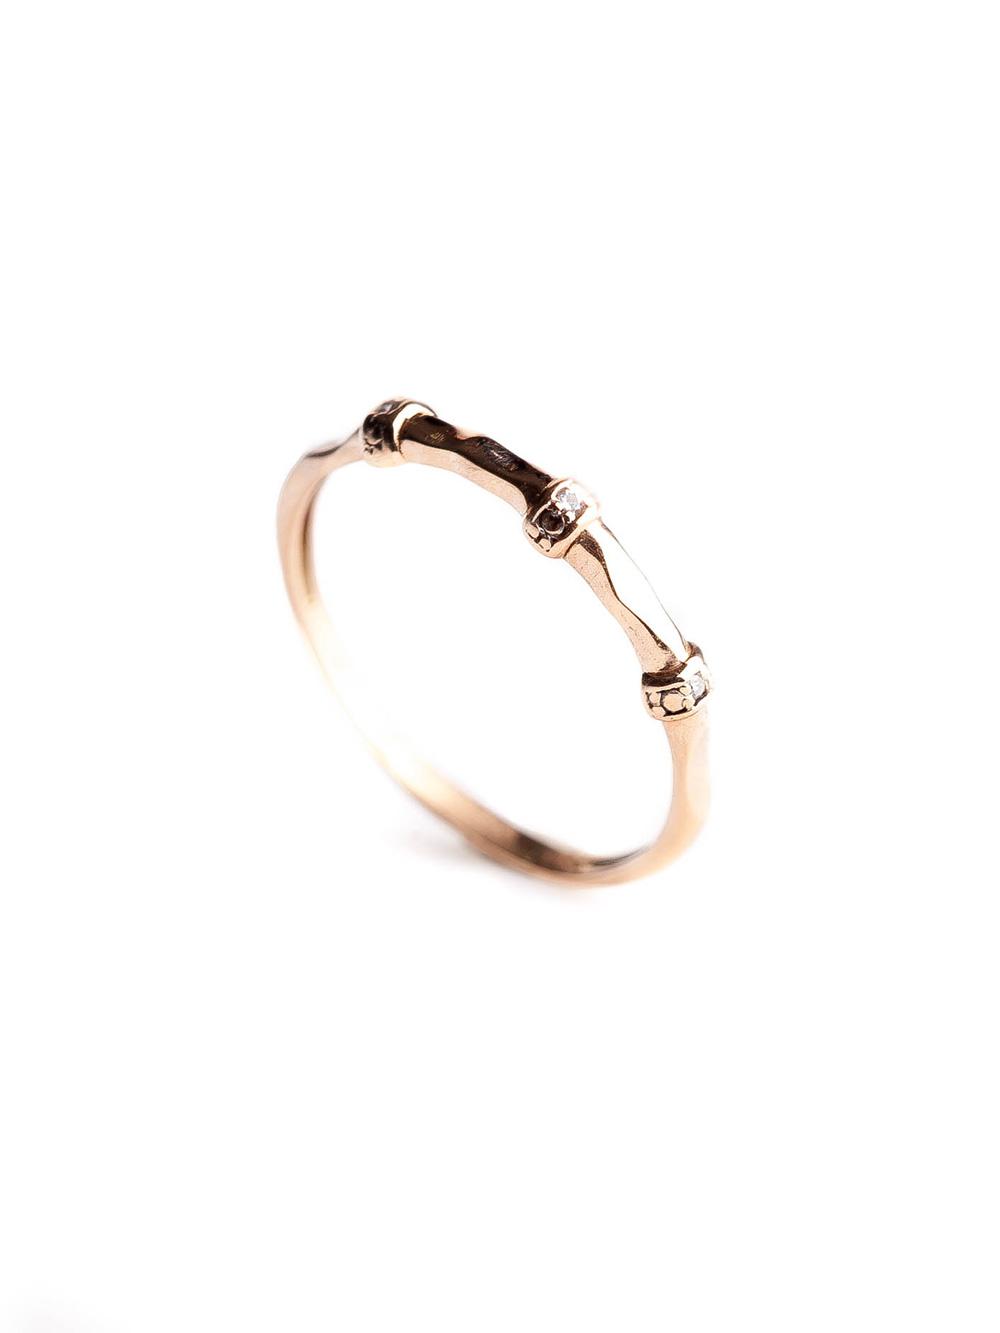 Anel confeccionado em ouro rose 18k com 3 pontos de diamantes